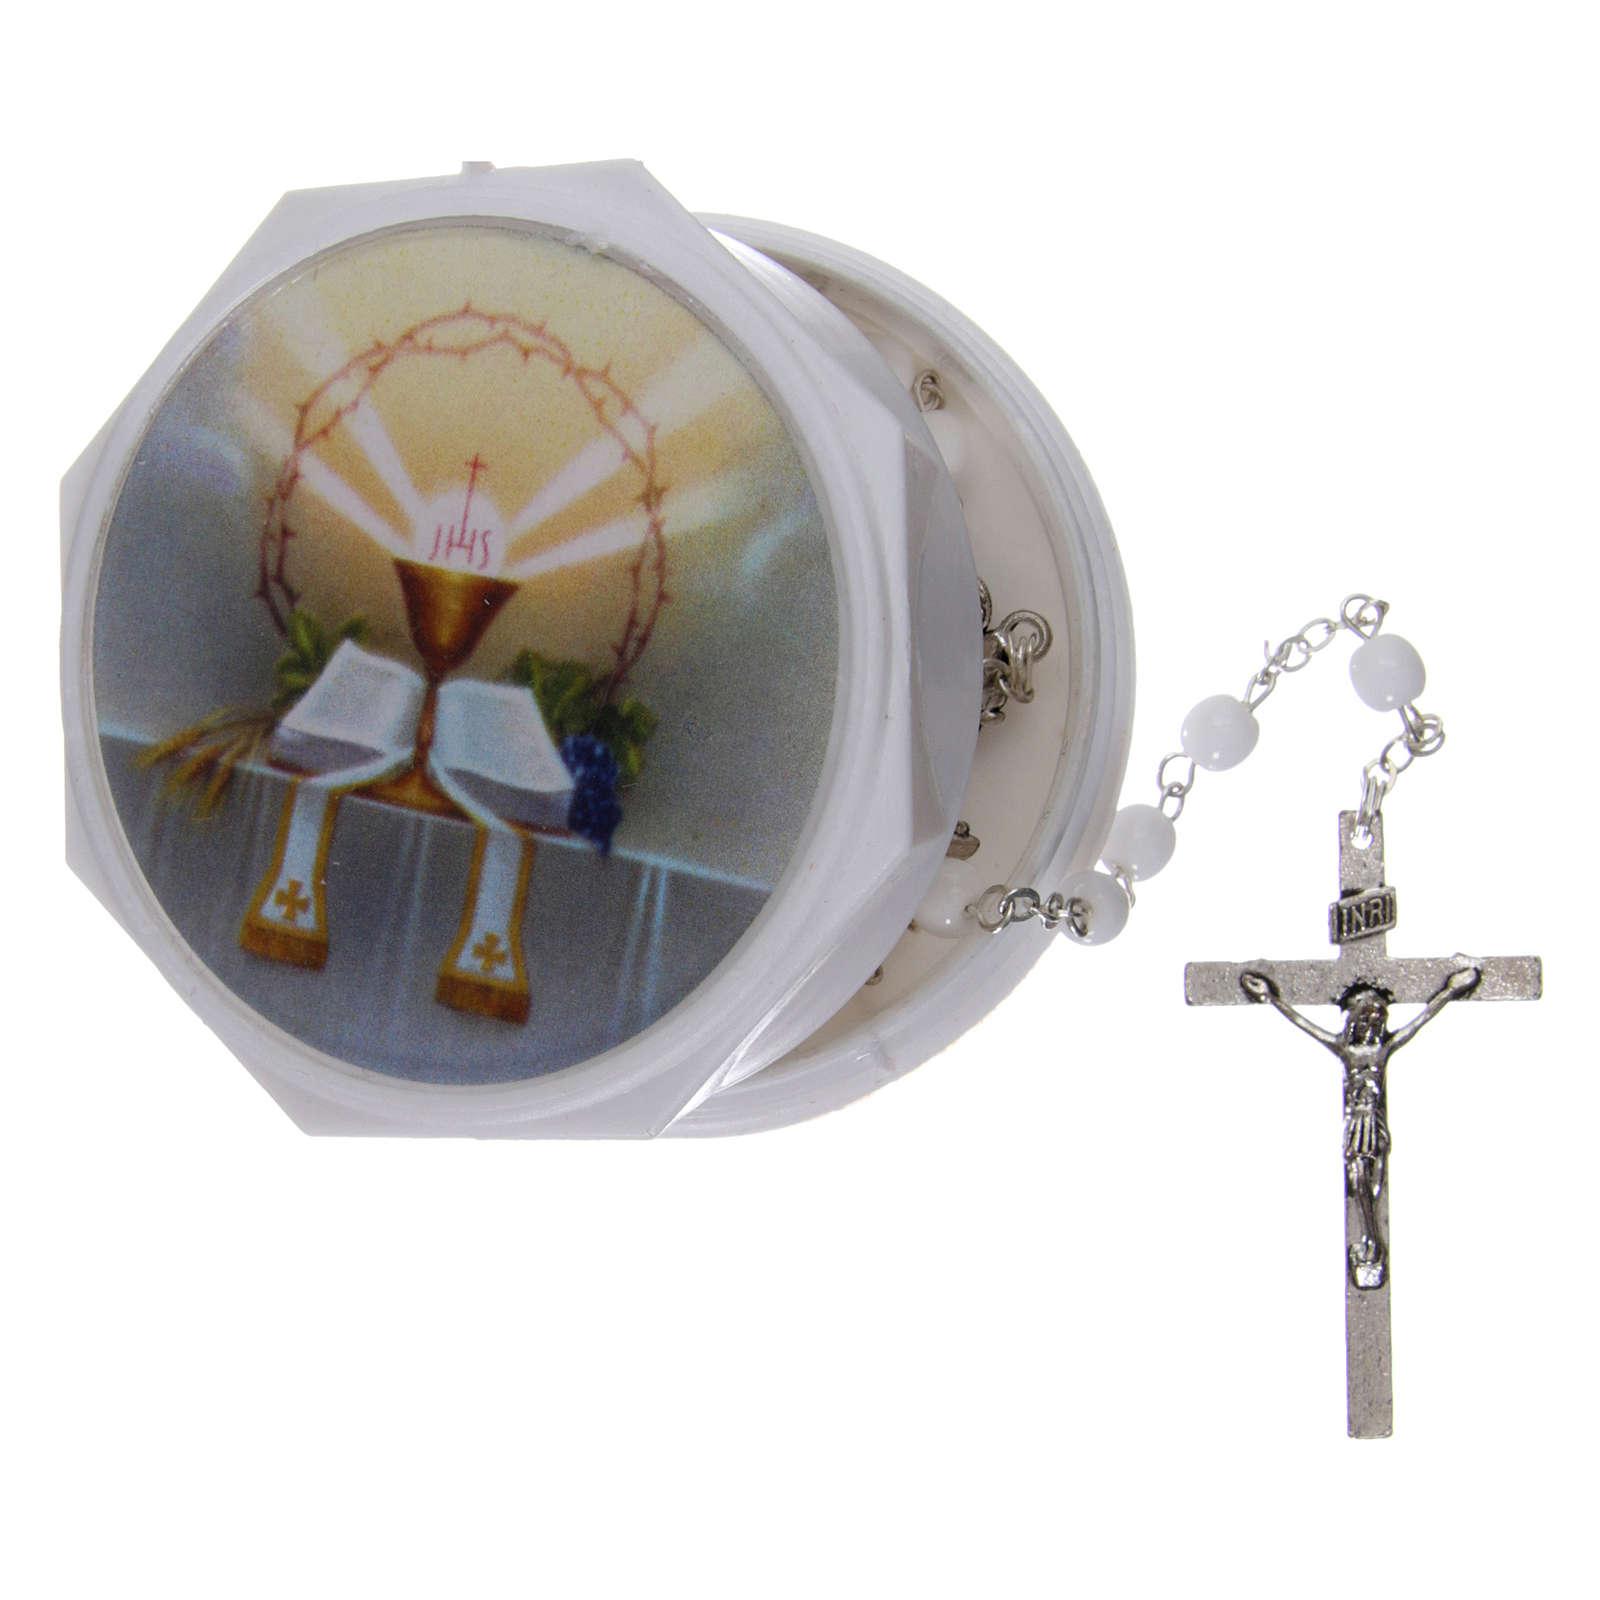 Chapelet imitation nacre pour Première Communion 3 mm avec étui 4